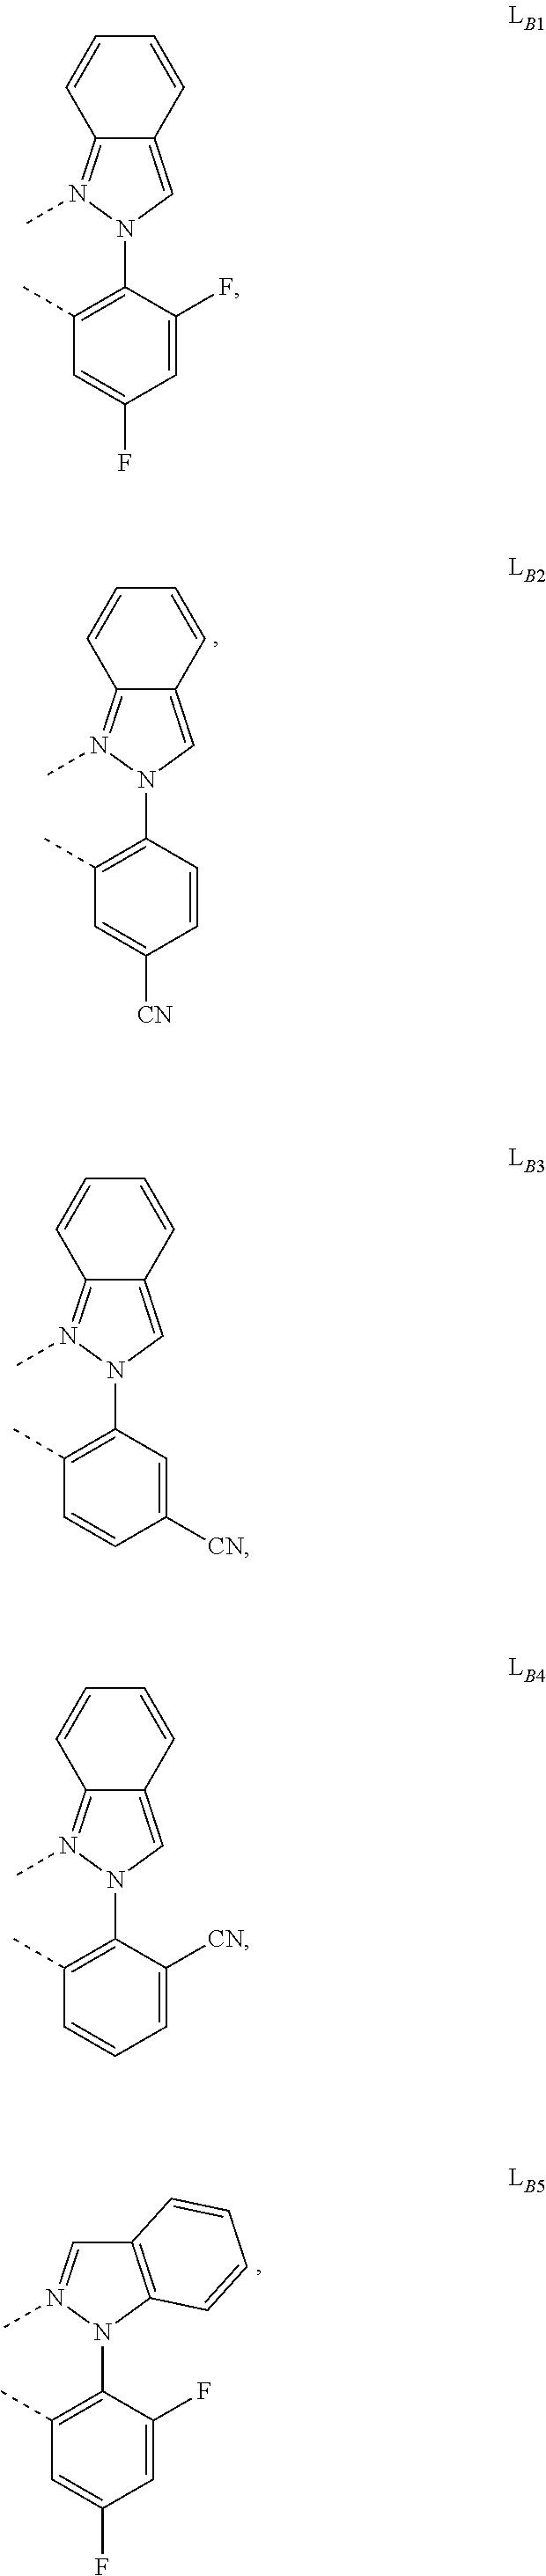 Figure US09905785-20180227-C00103